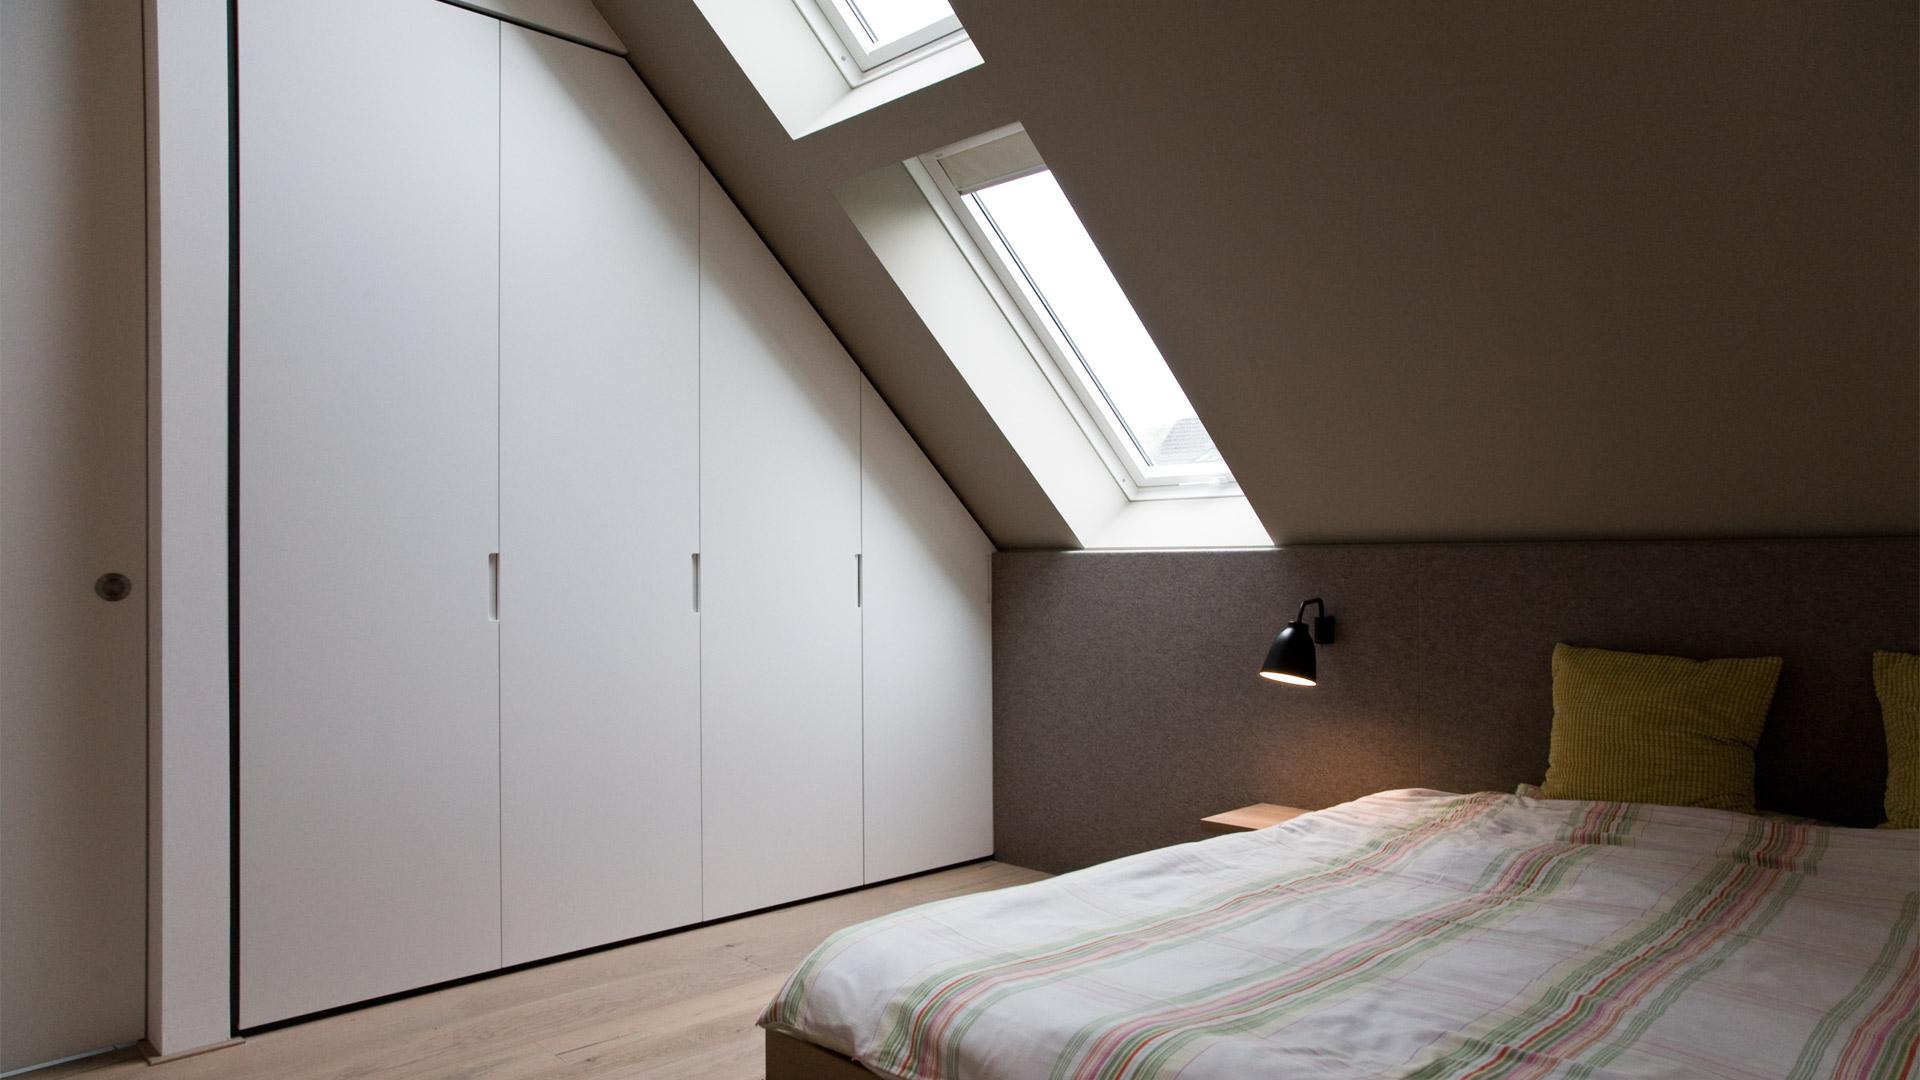 schlafzimmer im dachgeschoss mit besonderem filzkopfteil. Black Bedroom Furniture Sets. Home Design Ideas